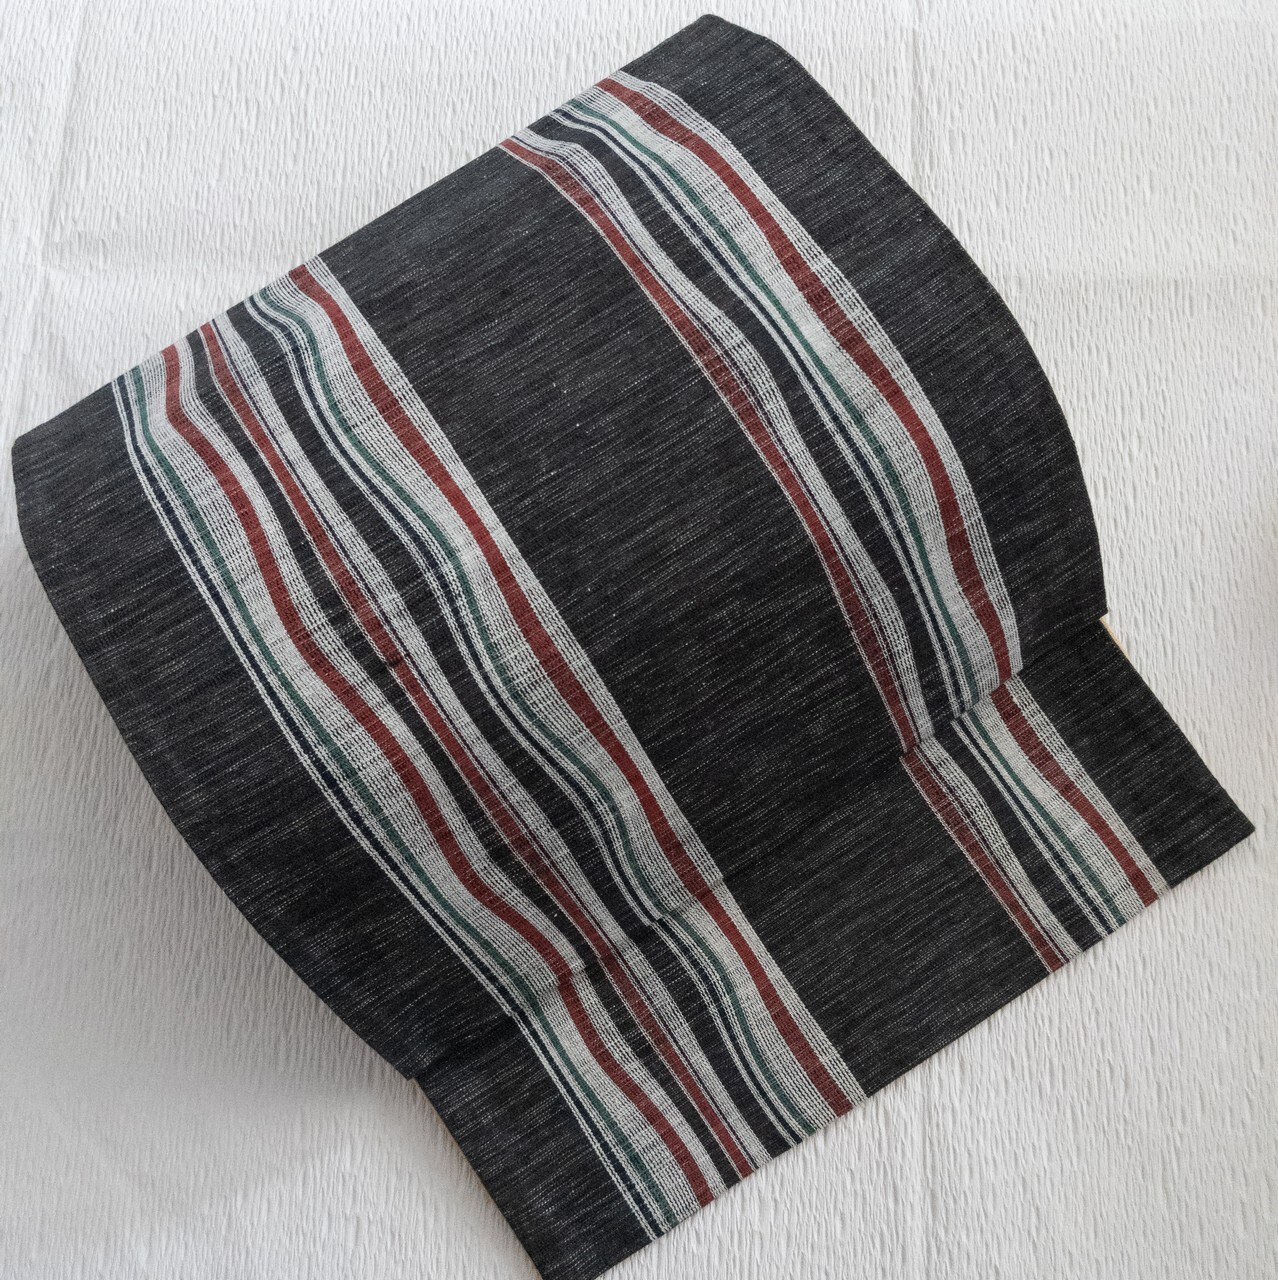 【グッチ風カラー】使用感数回程度 京袋帯 綿 よろけ縞織出し 墨黒×エンジ×グリーン